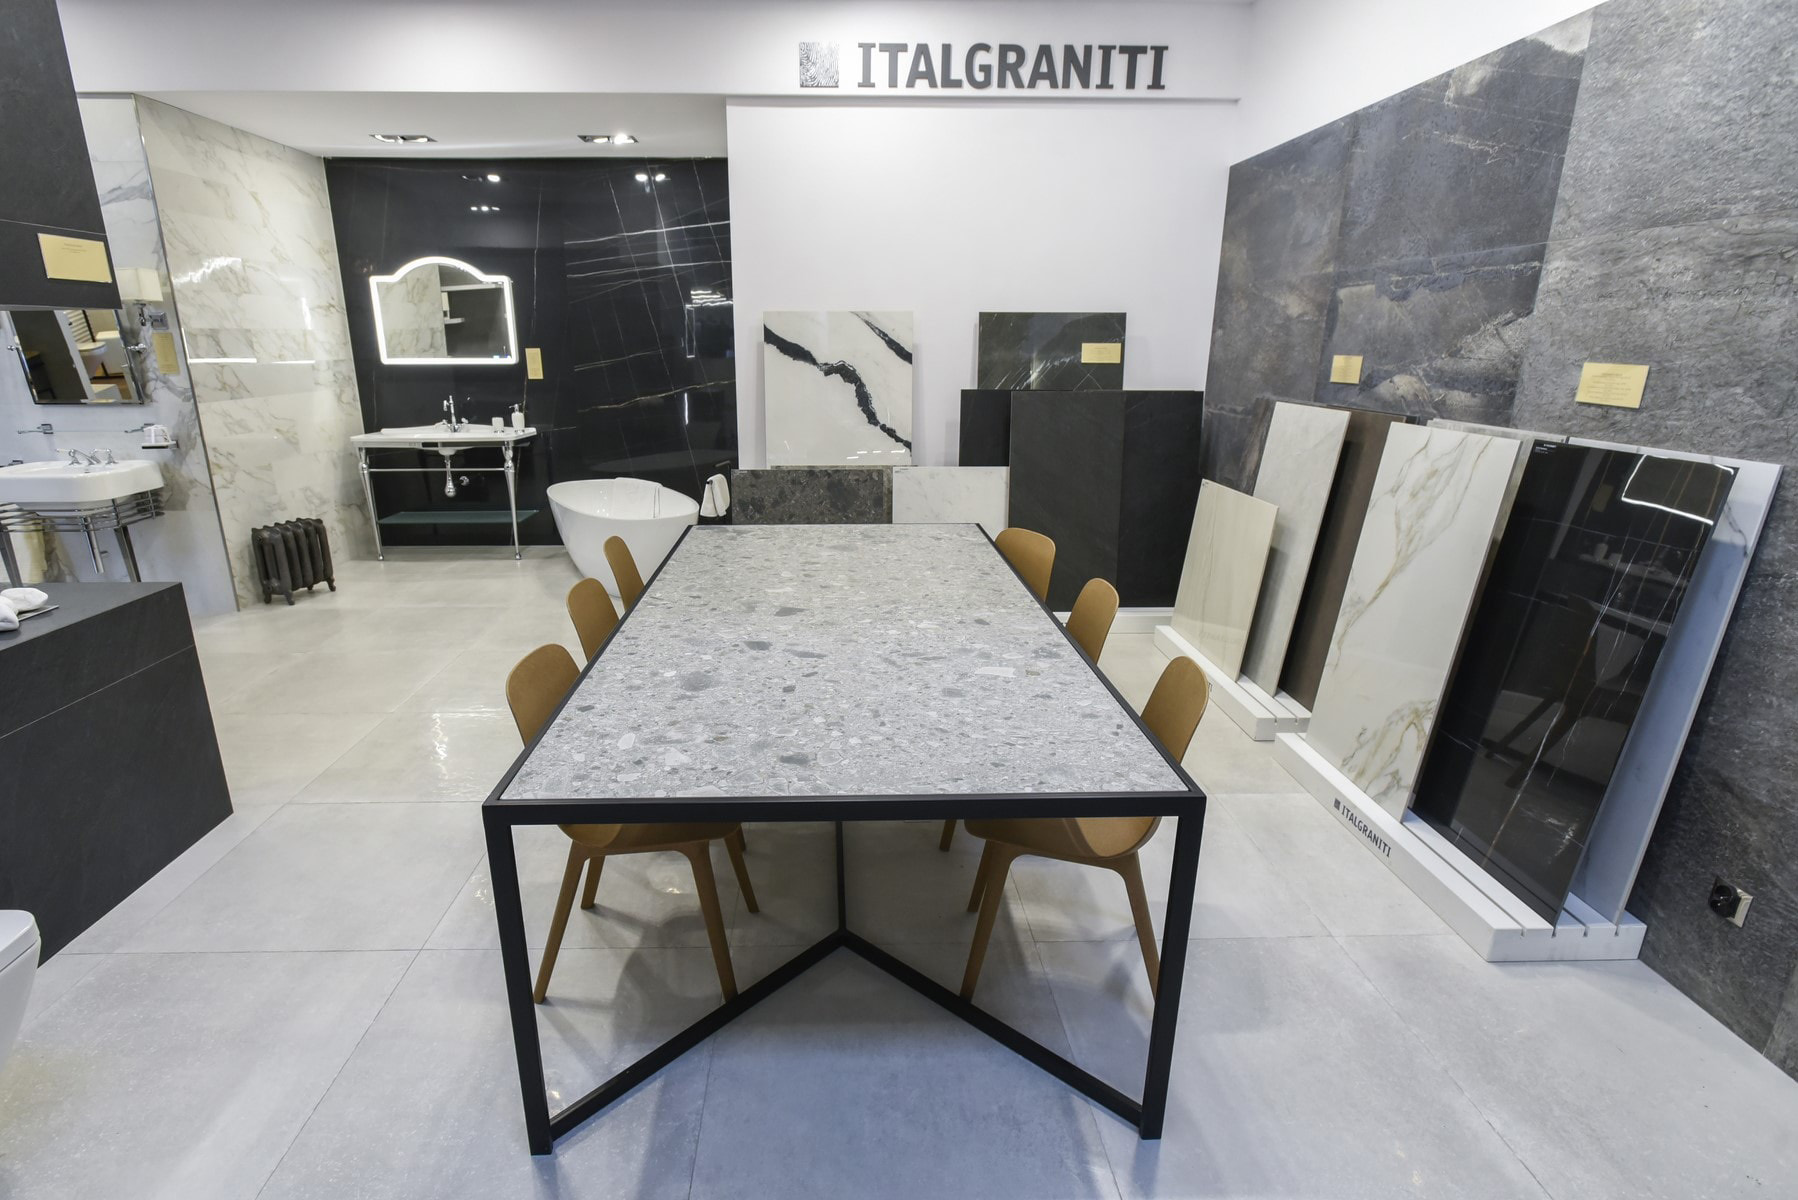 Strefa Italgraniti